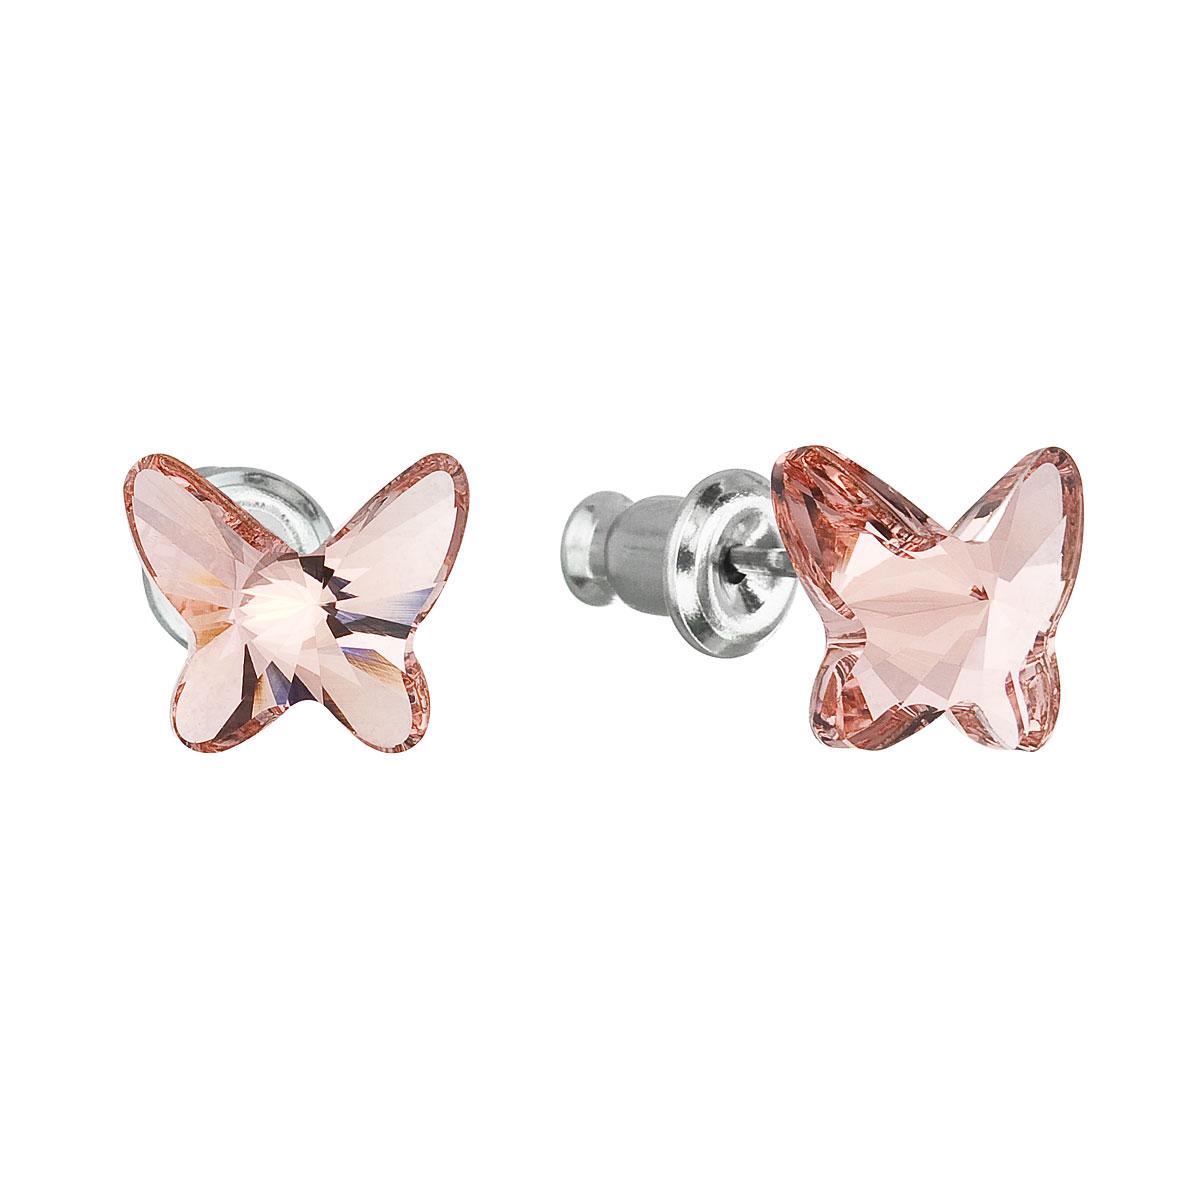 Náušnice bižutéria so Swarovski krištáľmi ružový motýľ 51048.3 rose peach